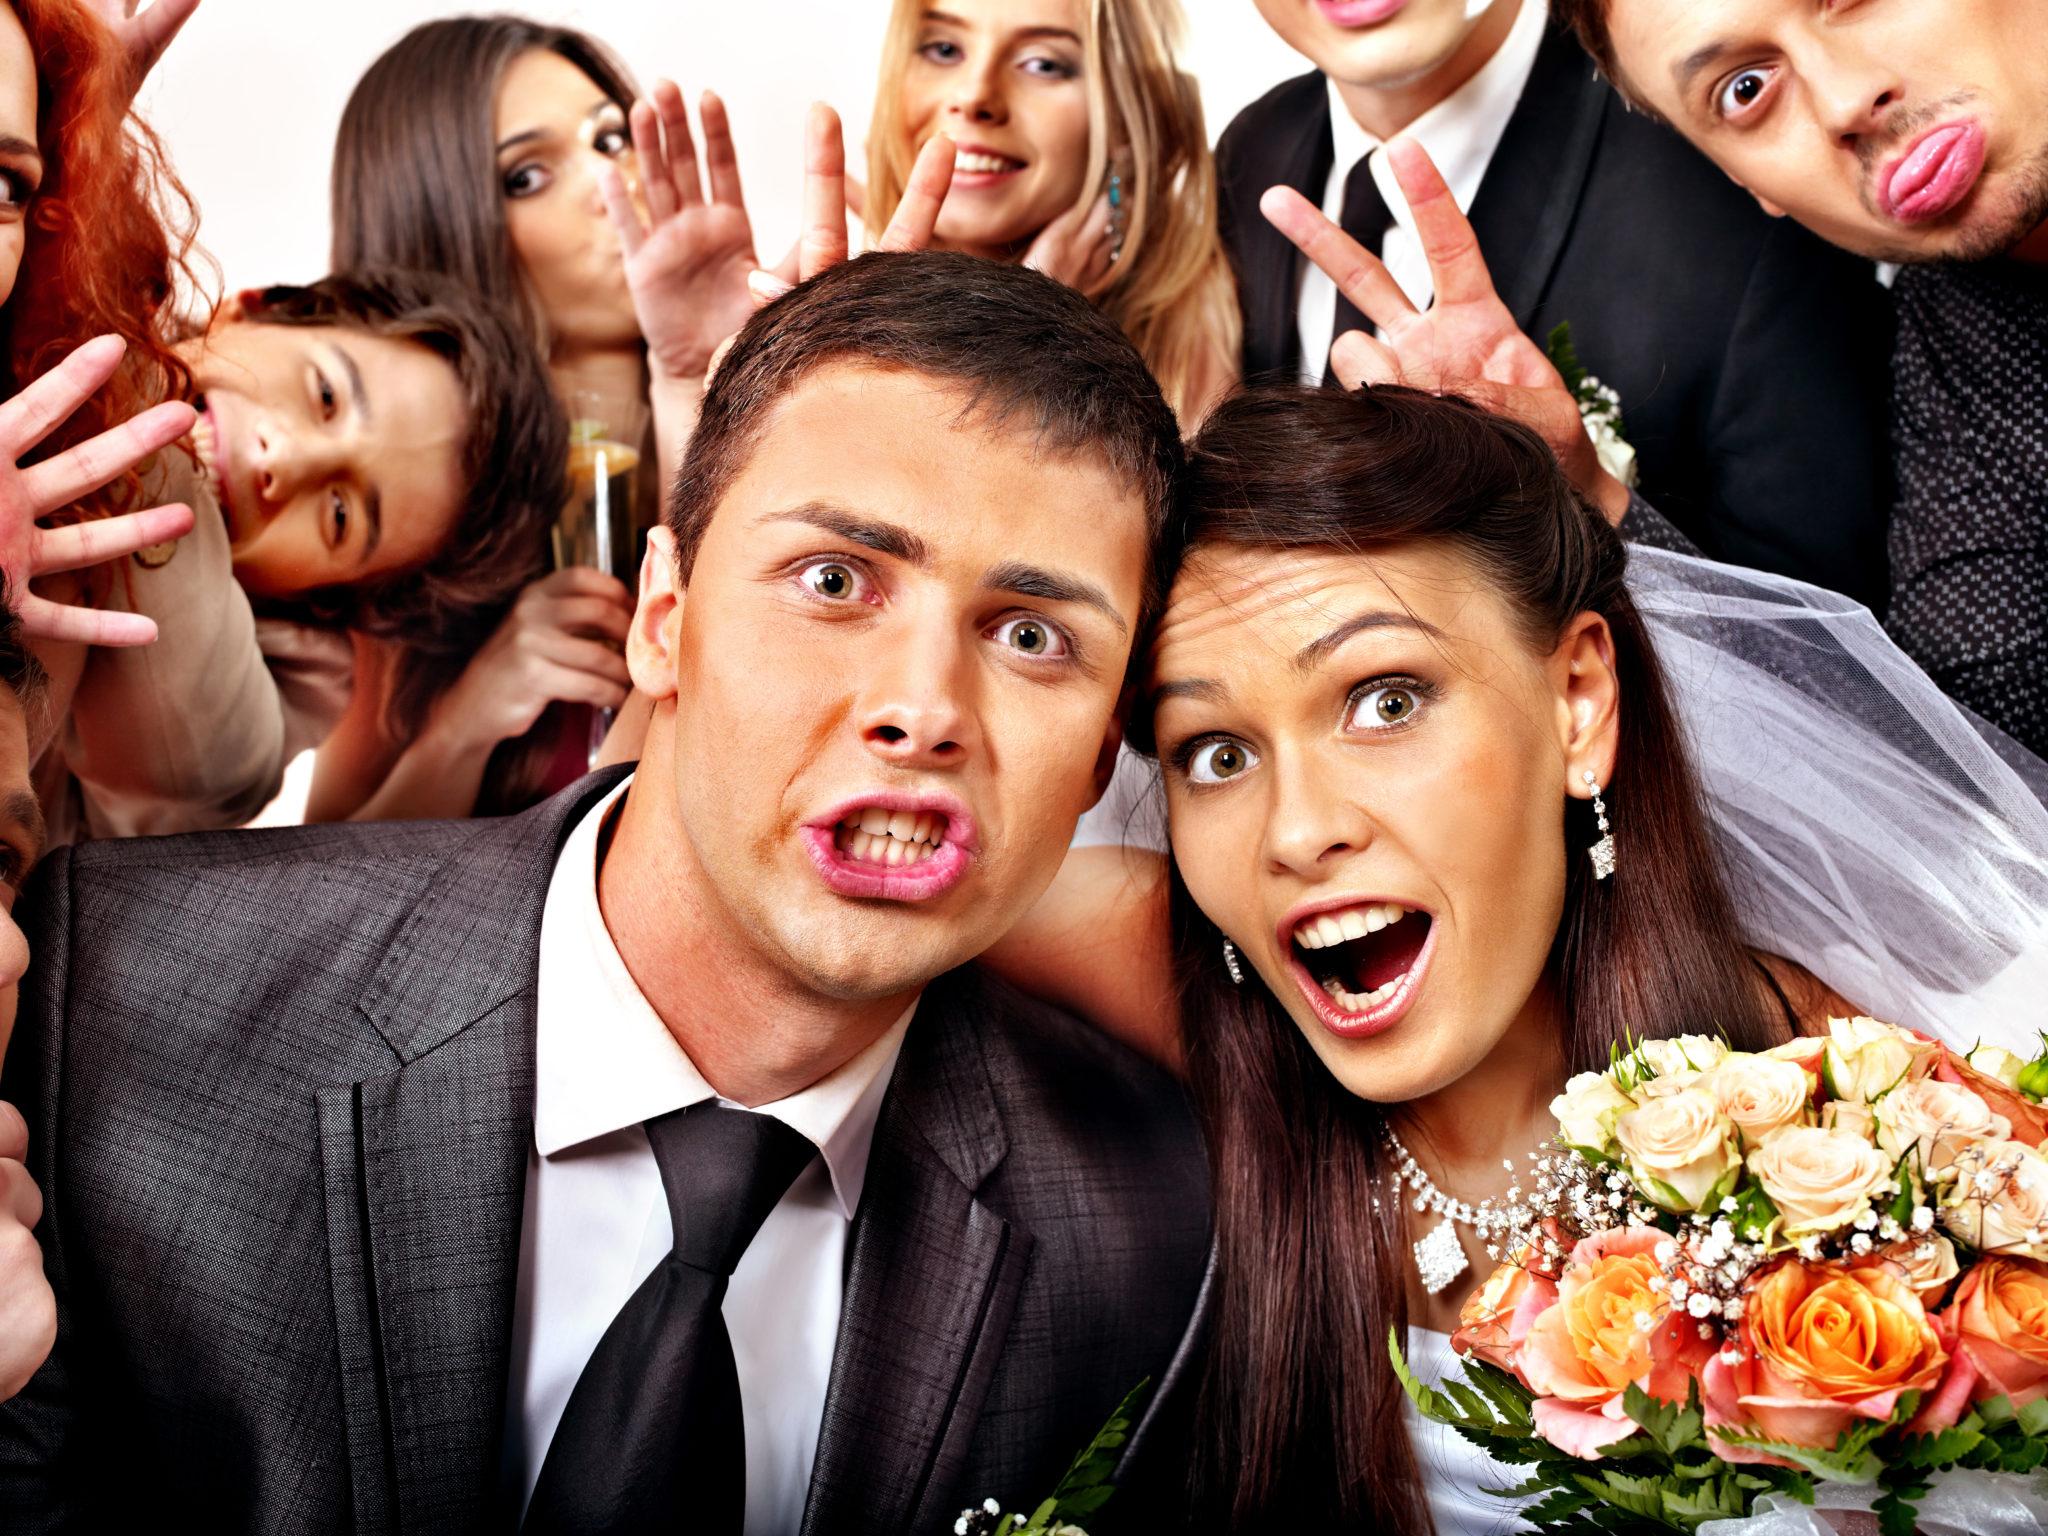 8 гостей насвадьбе, которые всех бесят